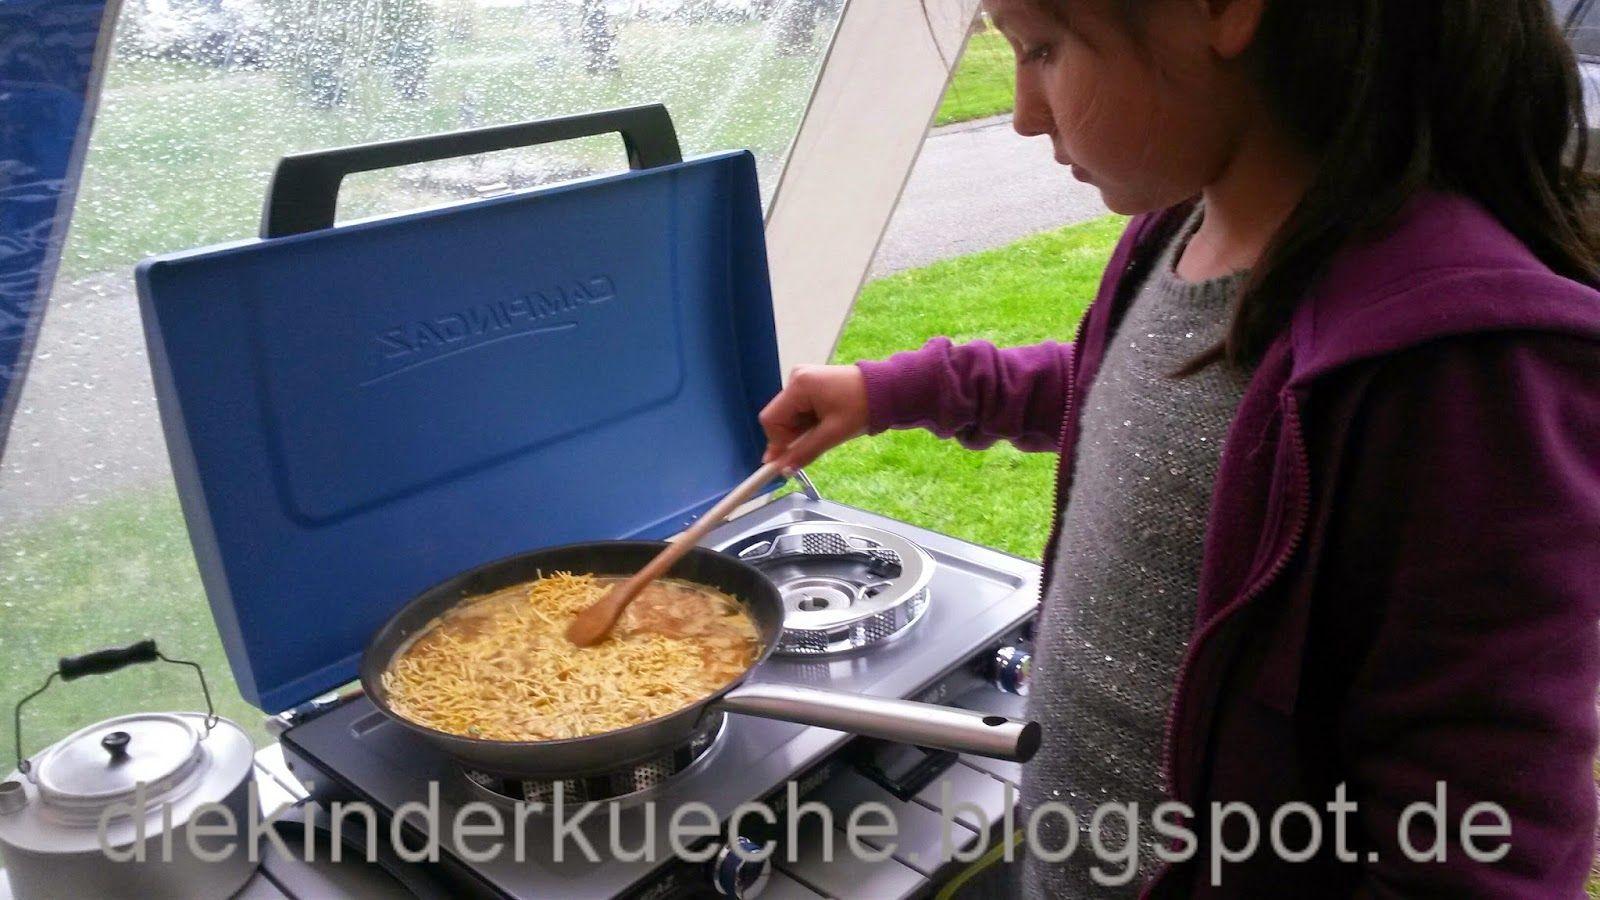 Outdoor Küche Camping : Outdoor küche auf dem campingplatz maggi asia nudeln camping essen